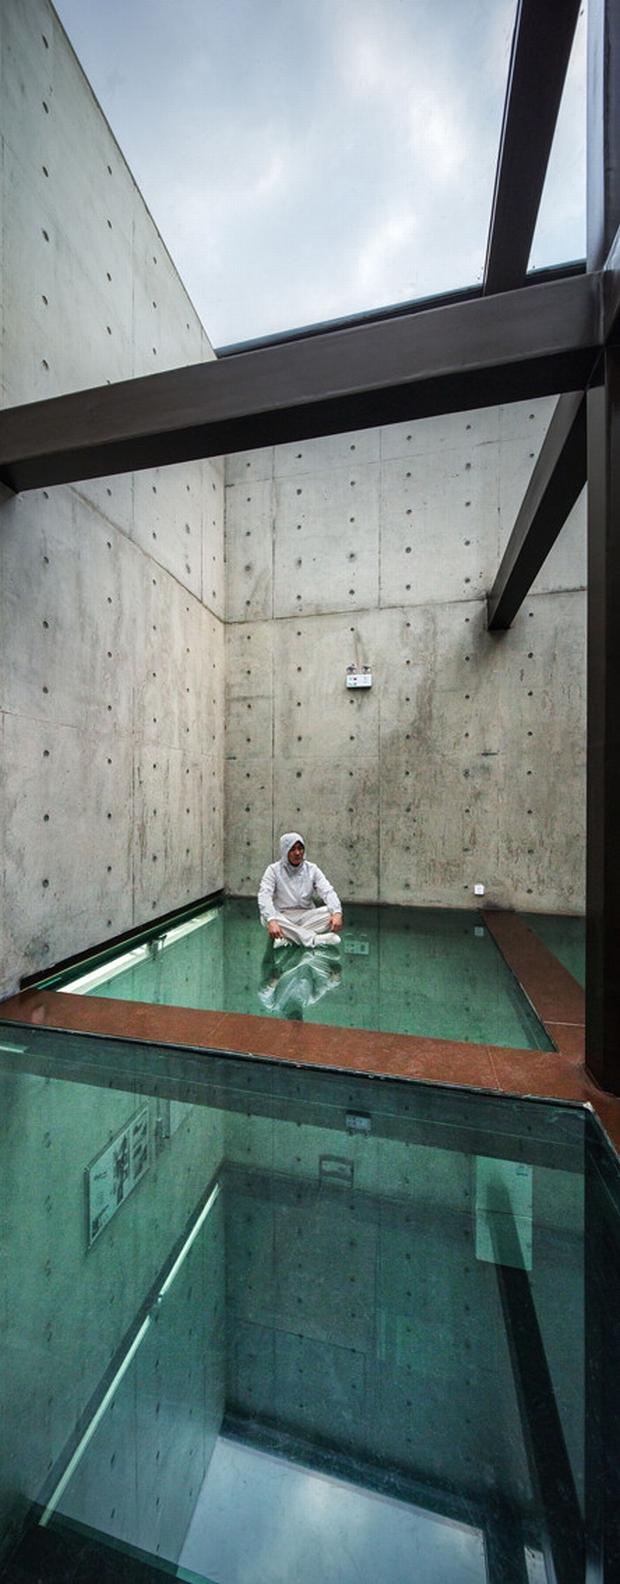 szklany dom ze szkła design szklane wnętrze projekt pomysł desing idea inspiracje inspiration expo szanghaj 11